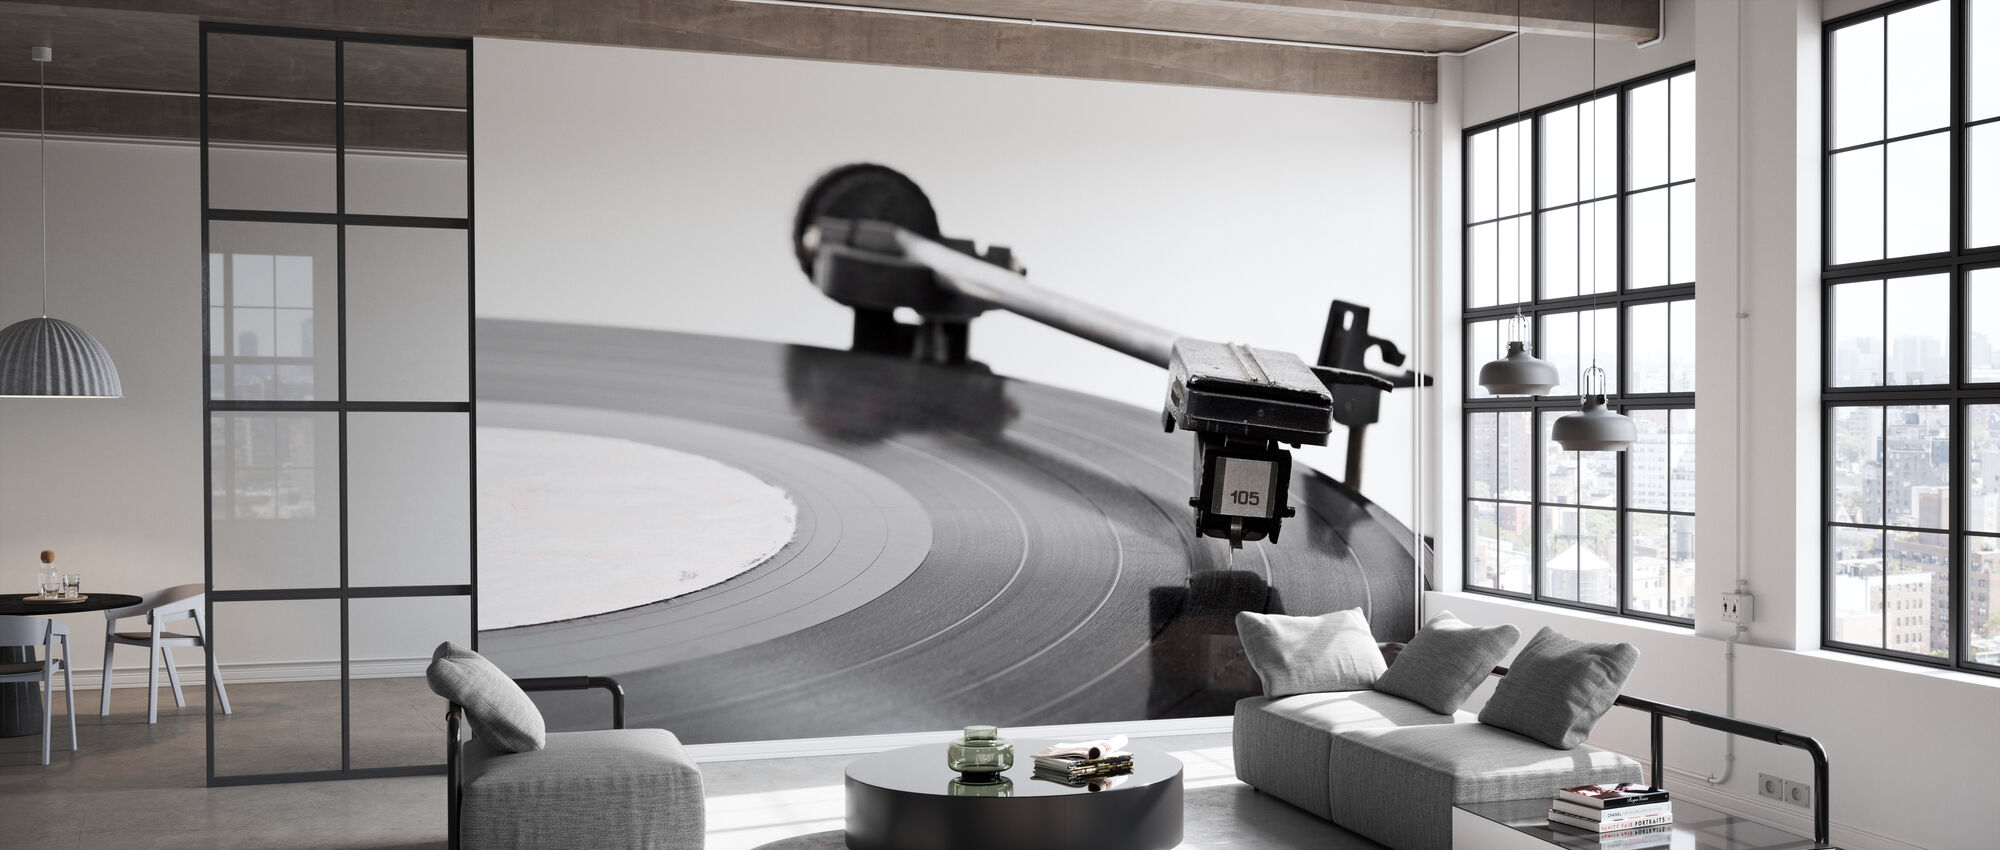 Old Vinyl Player - Tapete - Büro